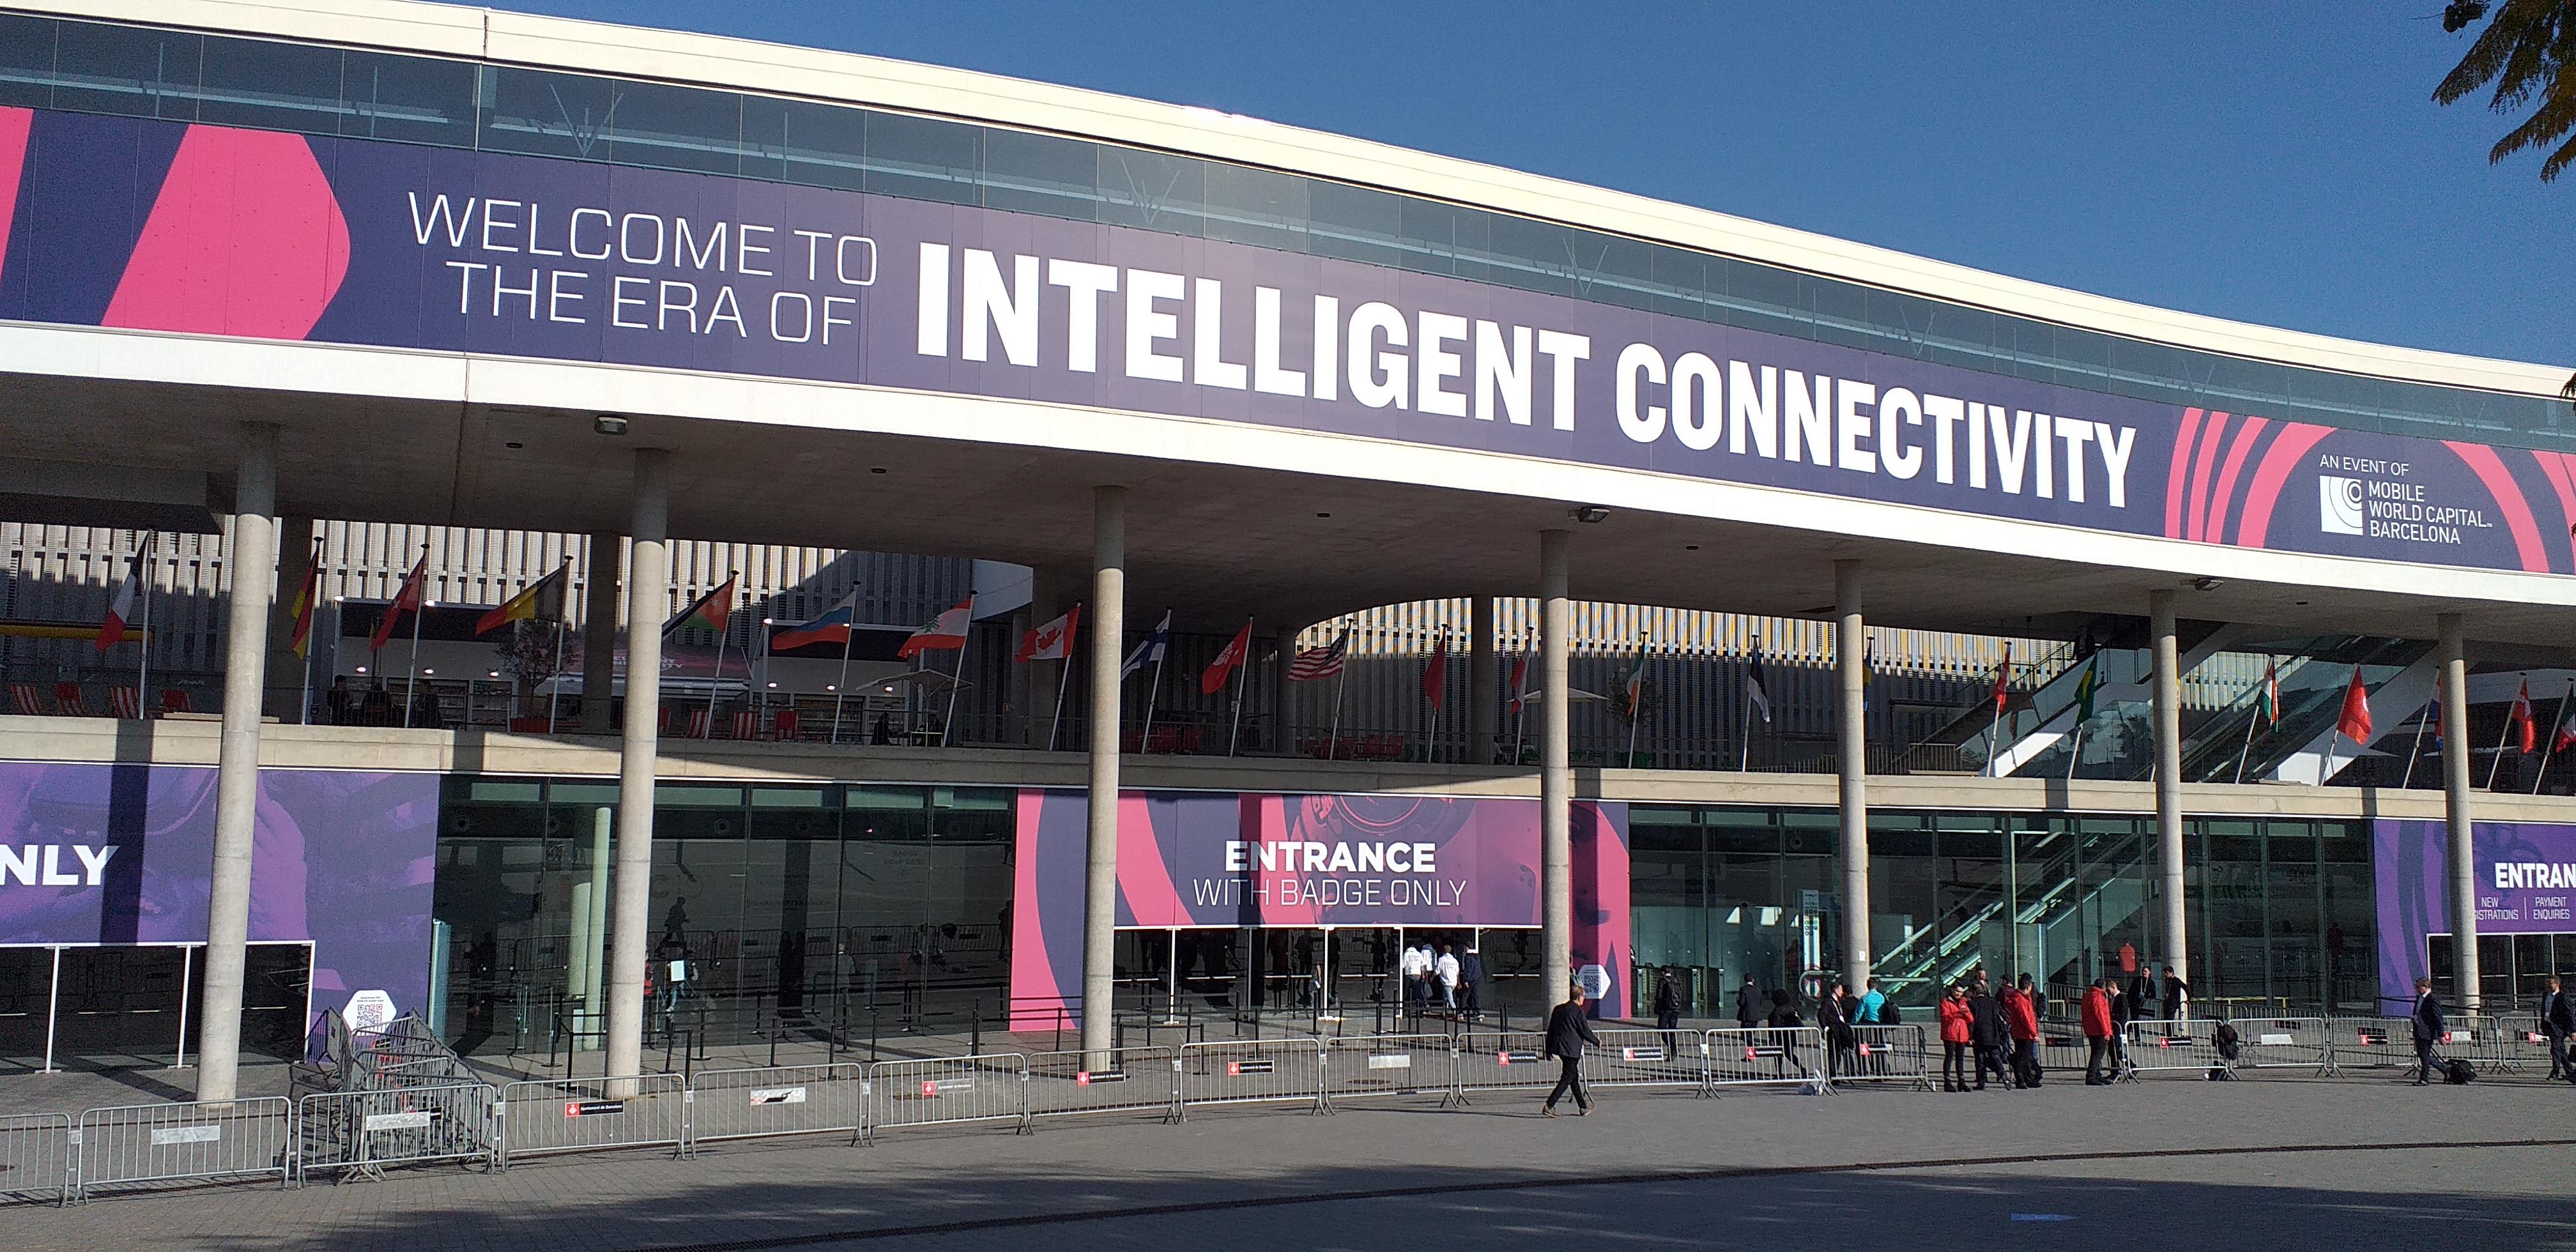 Die intelligenten und verknüpften Lösungen von Arthur Holm werden auf der MWC19 Barcelona vorgestellt!